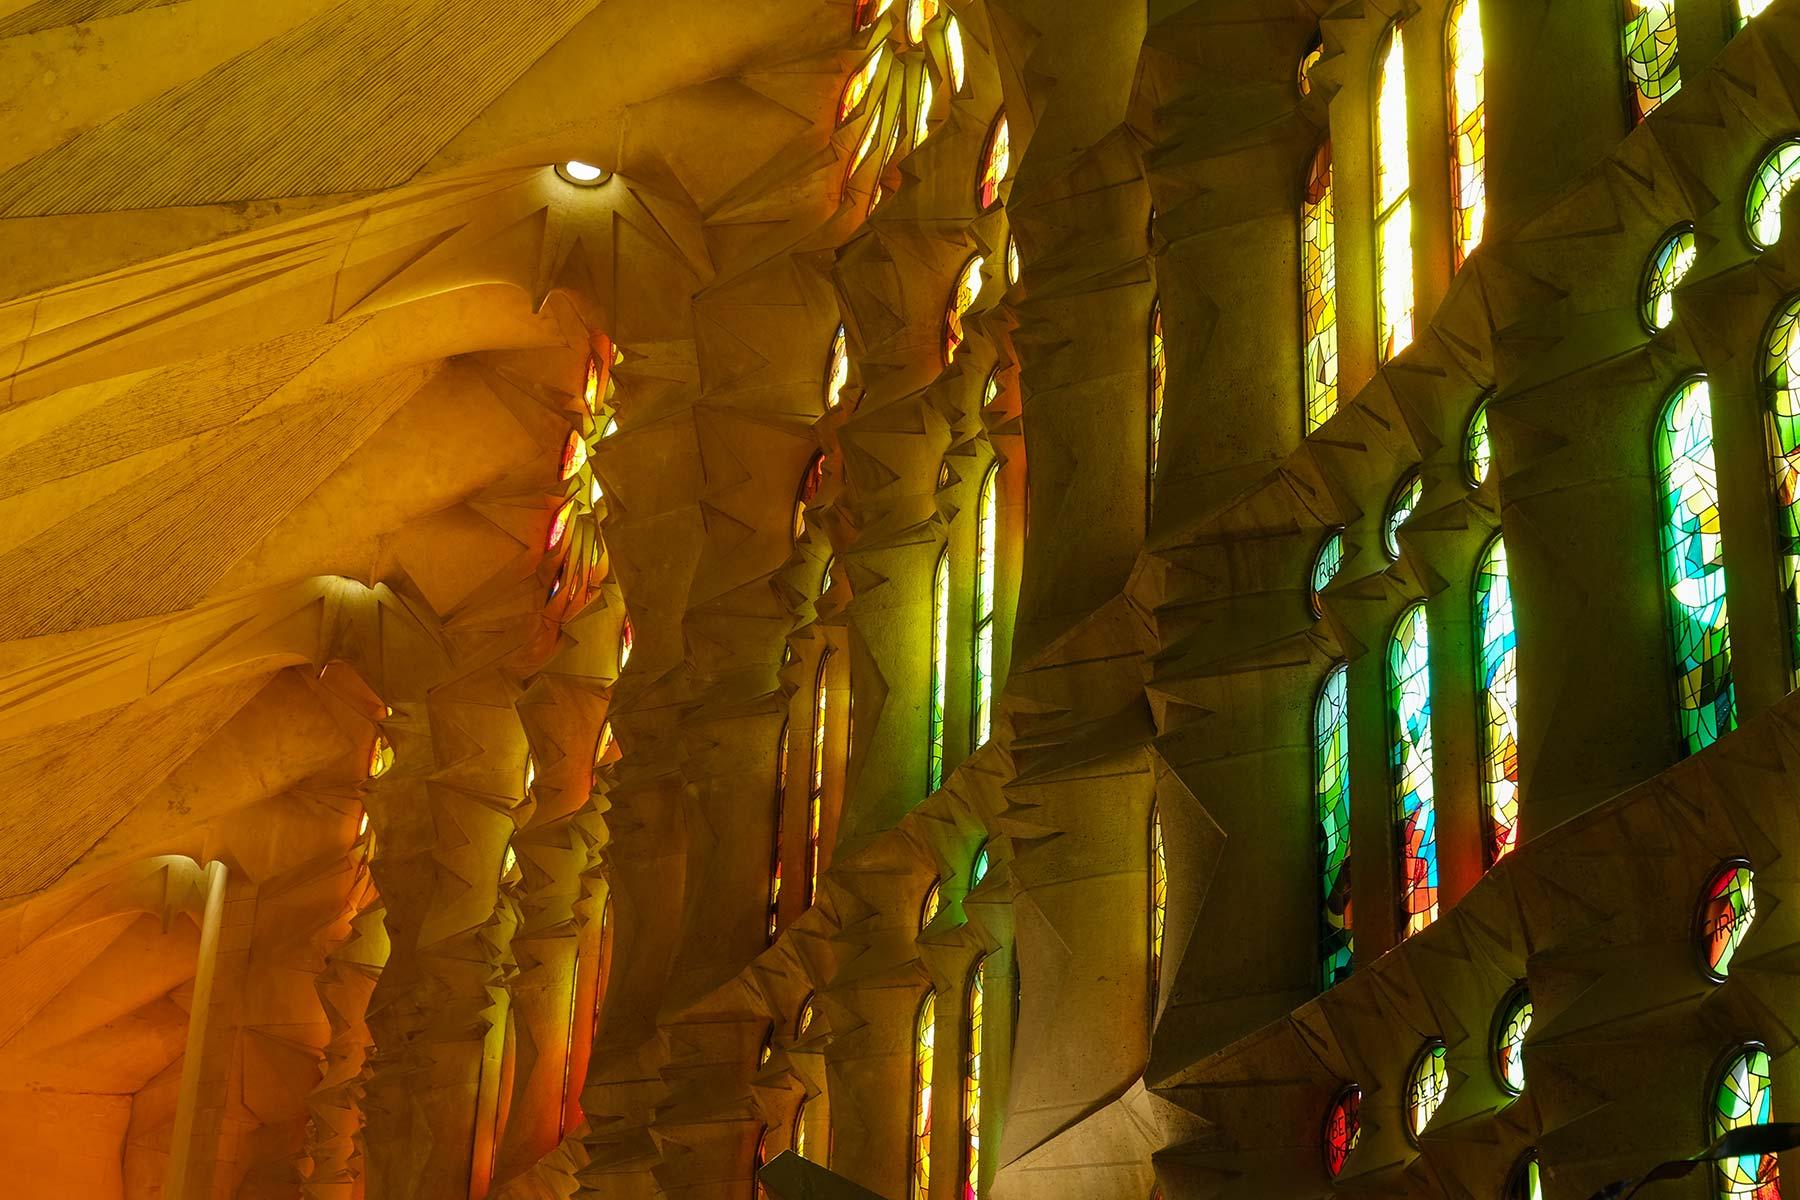 Lichtspiel auf der Passionsseite in der Sagrada Familia von Antoni Gaudi in Barcelona